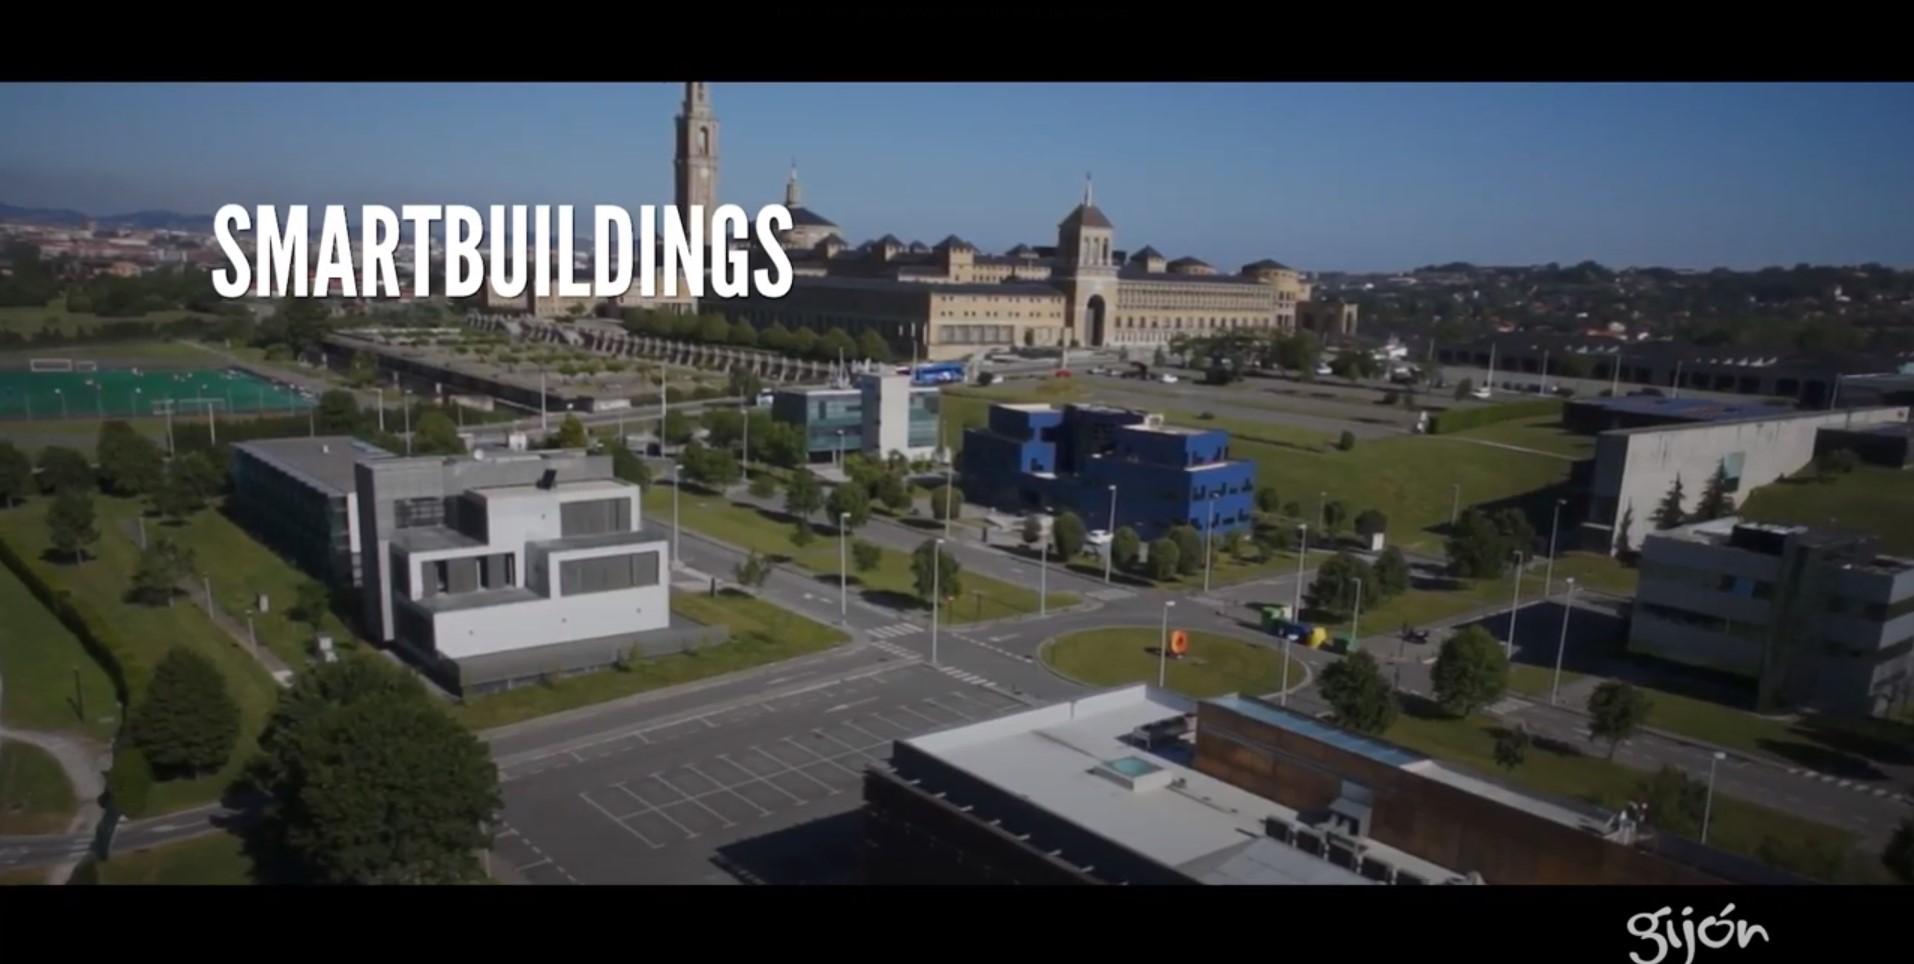 Gijón ha sido finalista en los Smart City Awards